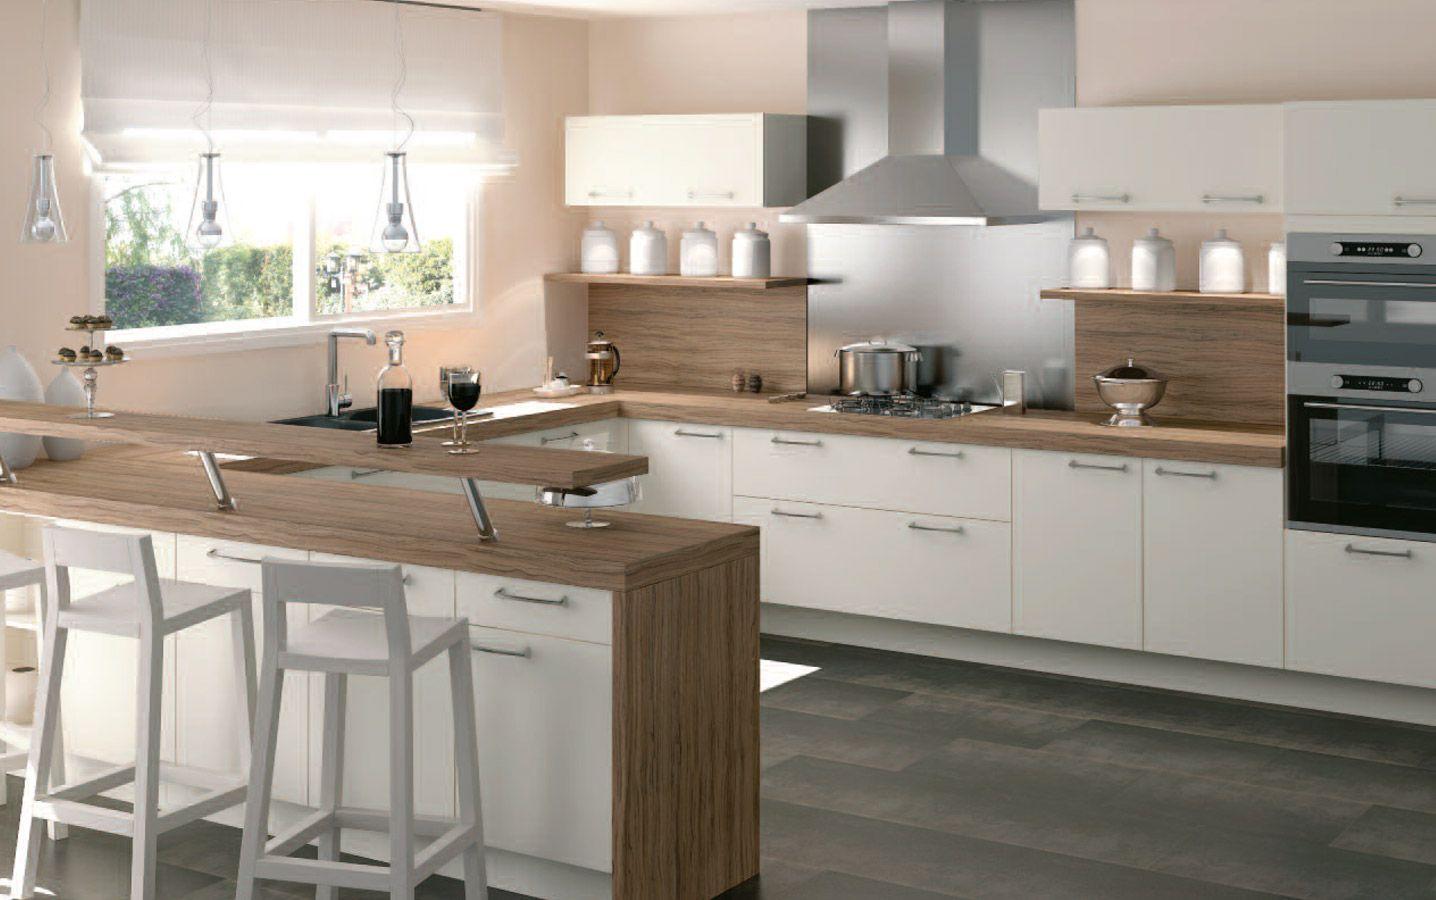 alagoz | cuisine moderne fabrication francaise | pinterest - Cuisine Fabrication Francaise